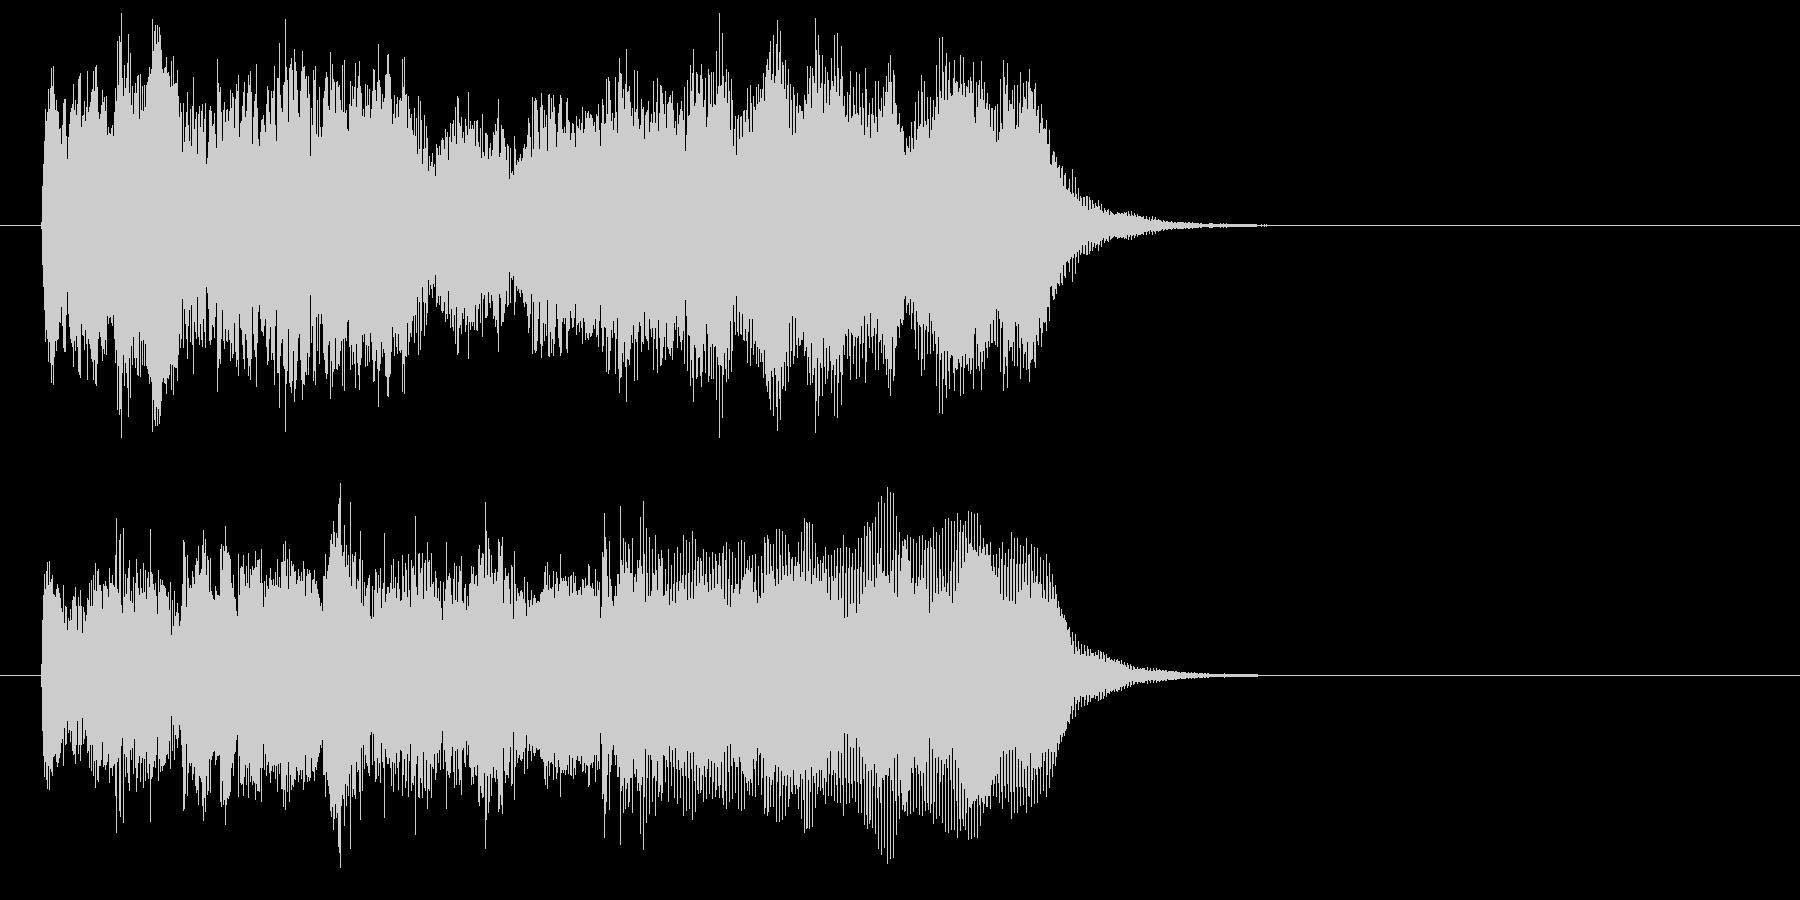 シンセの和音とハープが美しい曲の未再生の波形